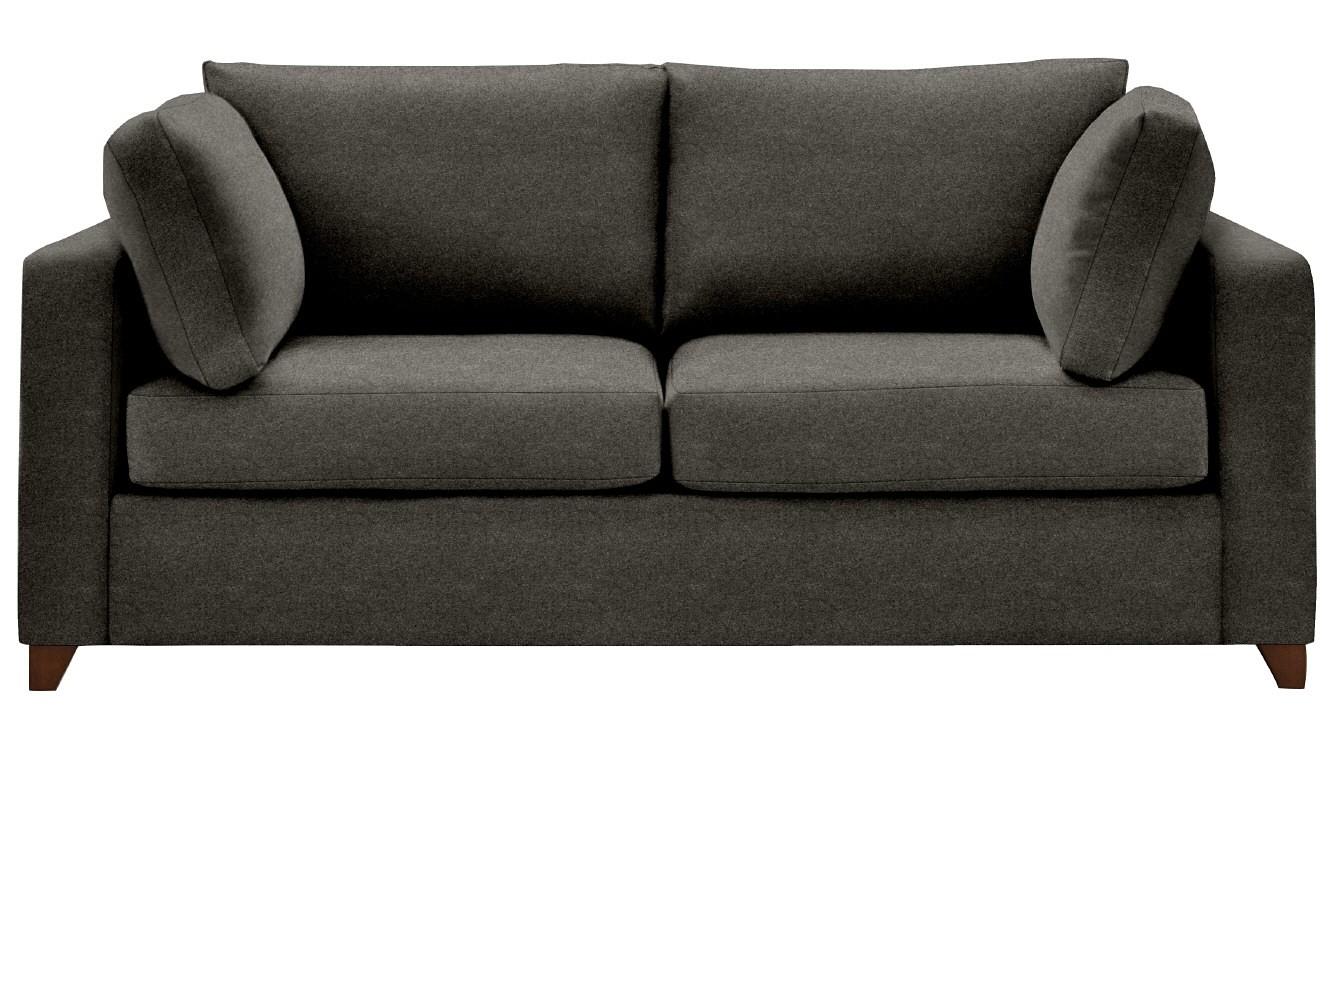 The Somerton 3.5 Seater Sofa